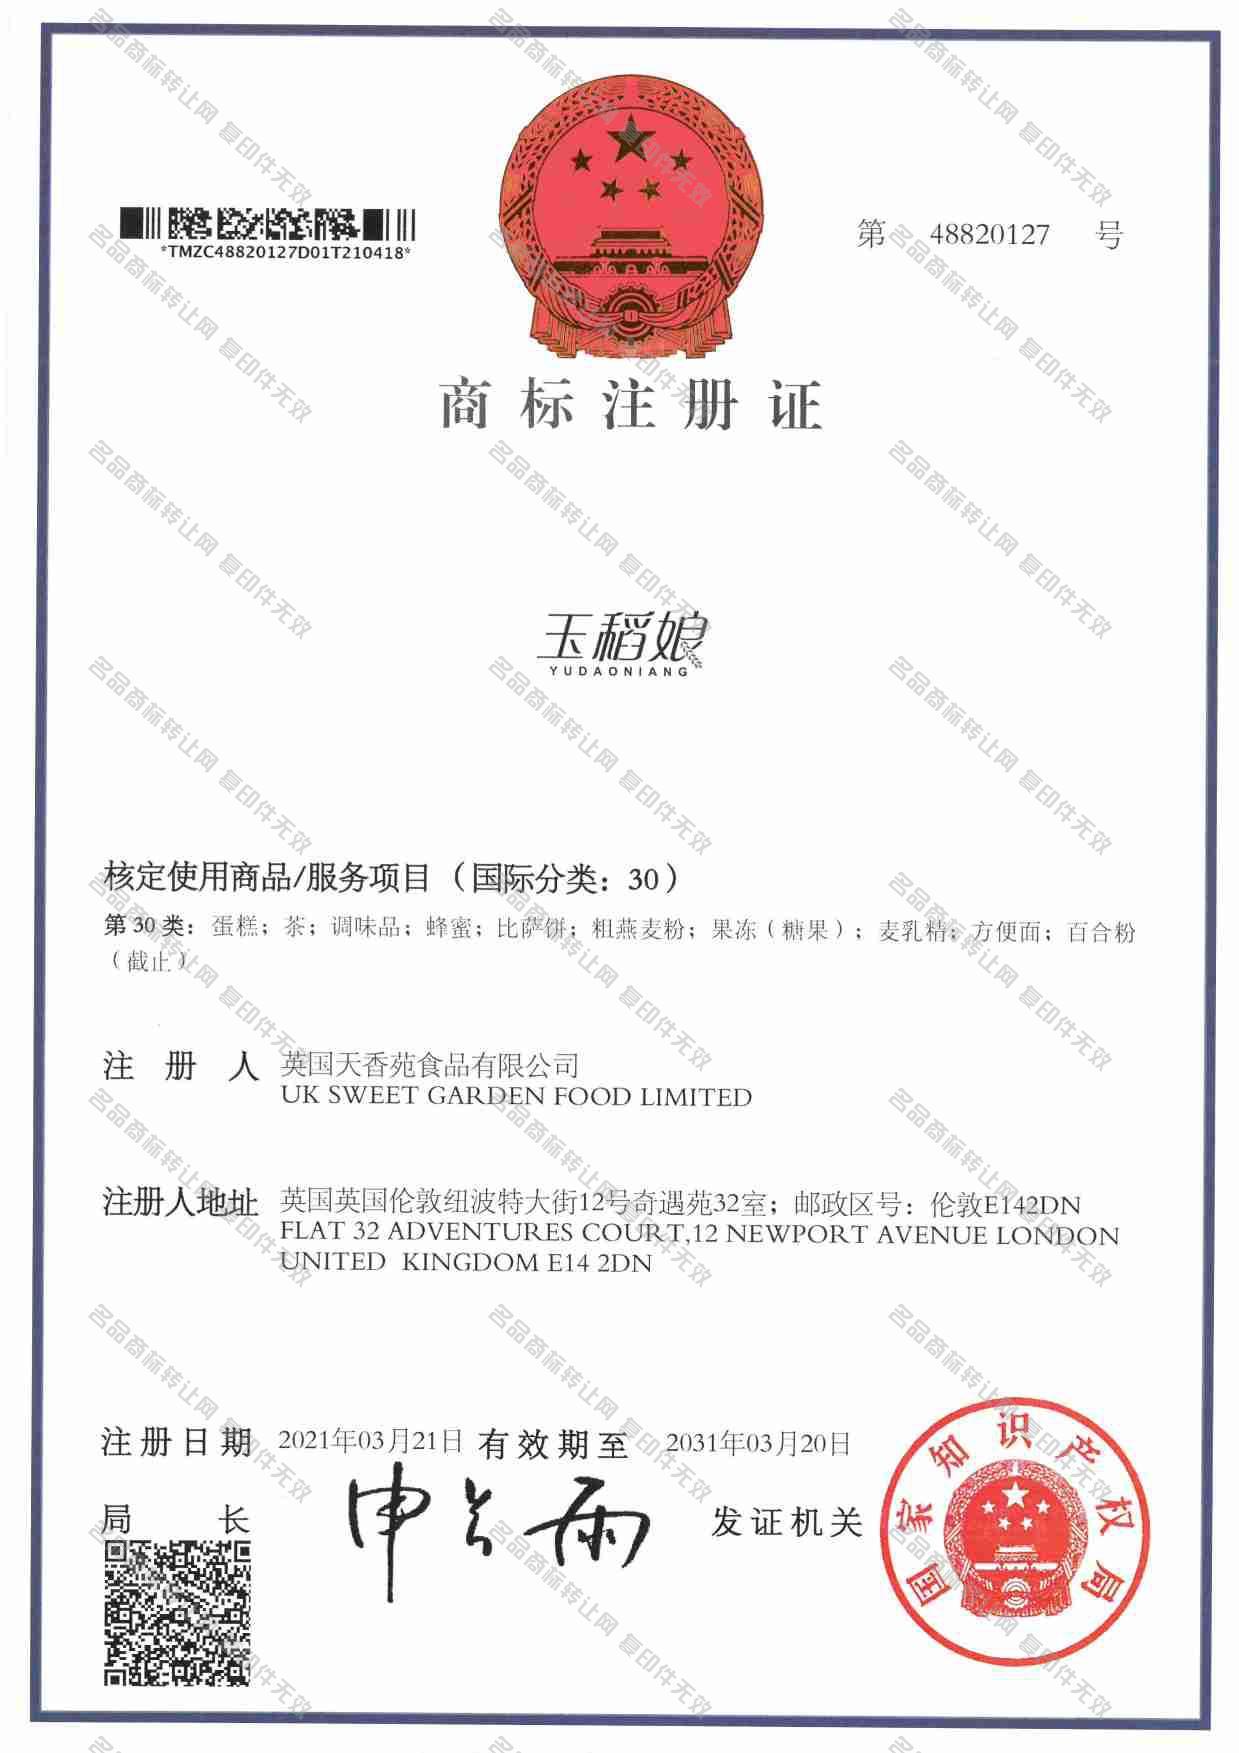 玉稻娘注册证